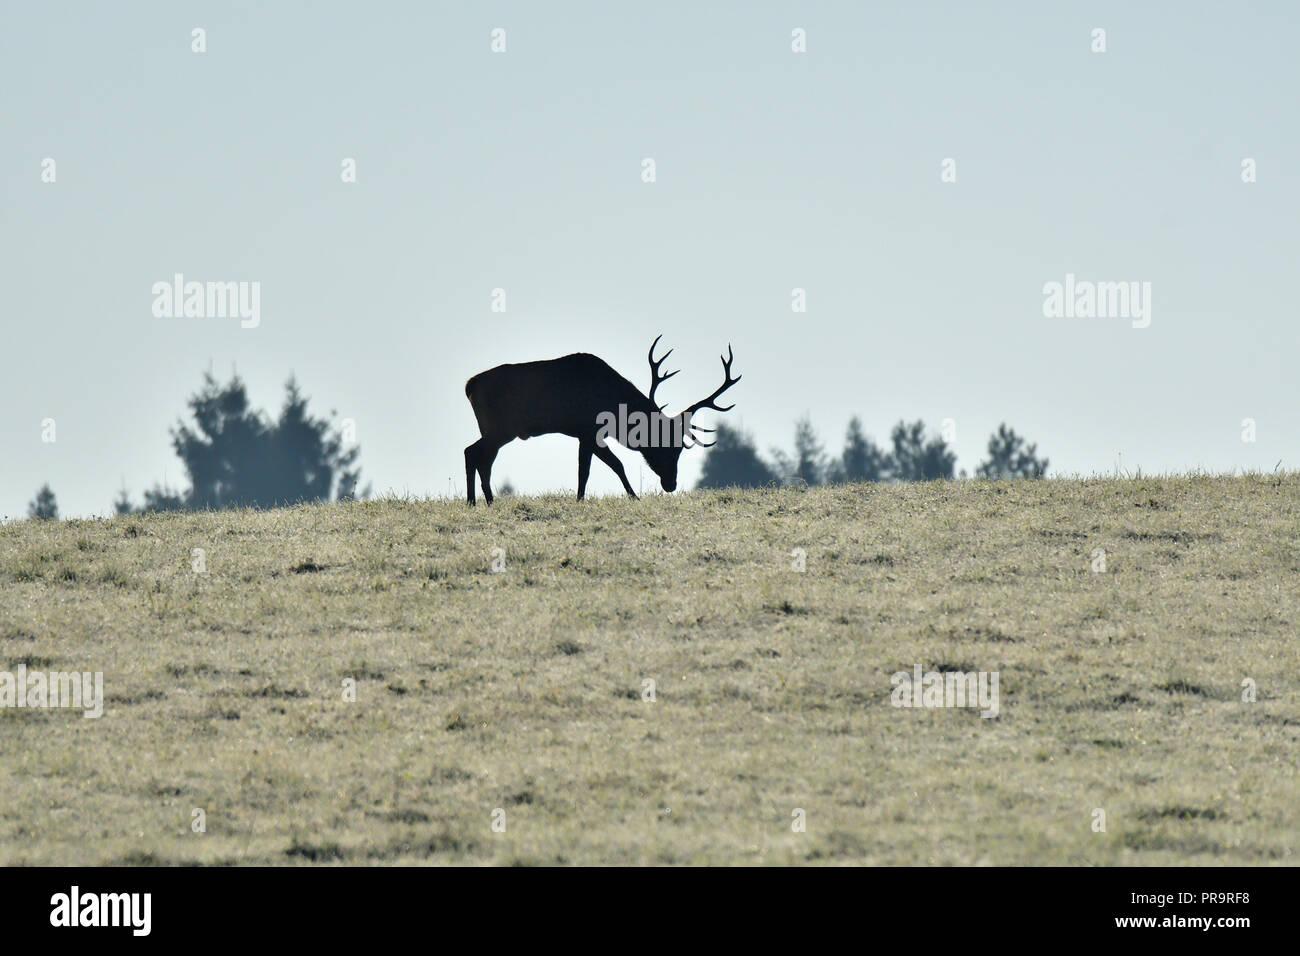 Le contour de l'ossature d'un cerf avec bois sur l'horizont Photo Stock